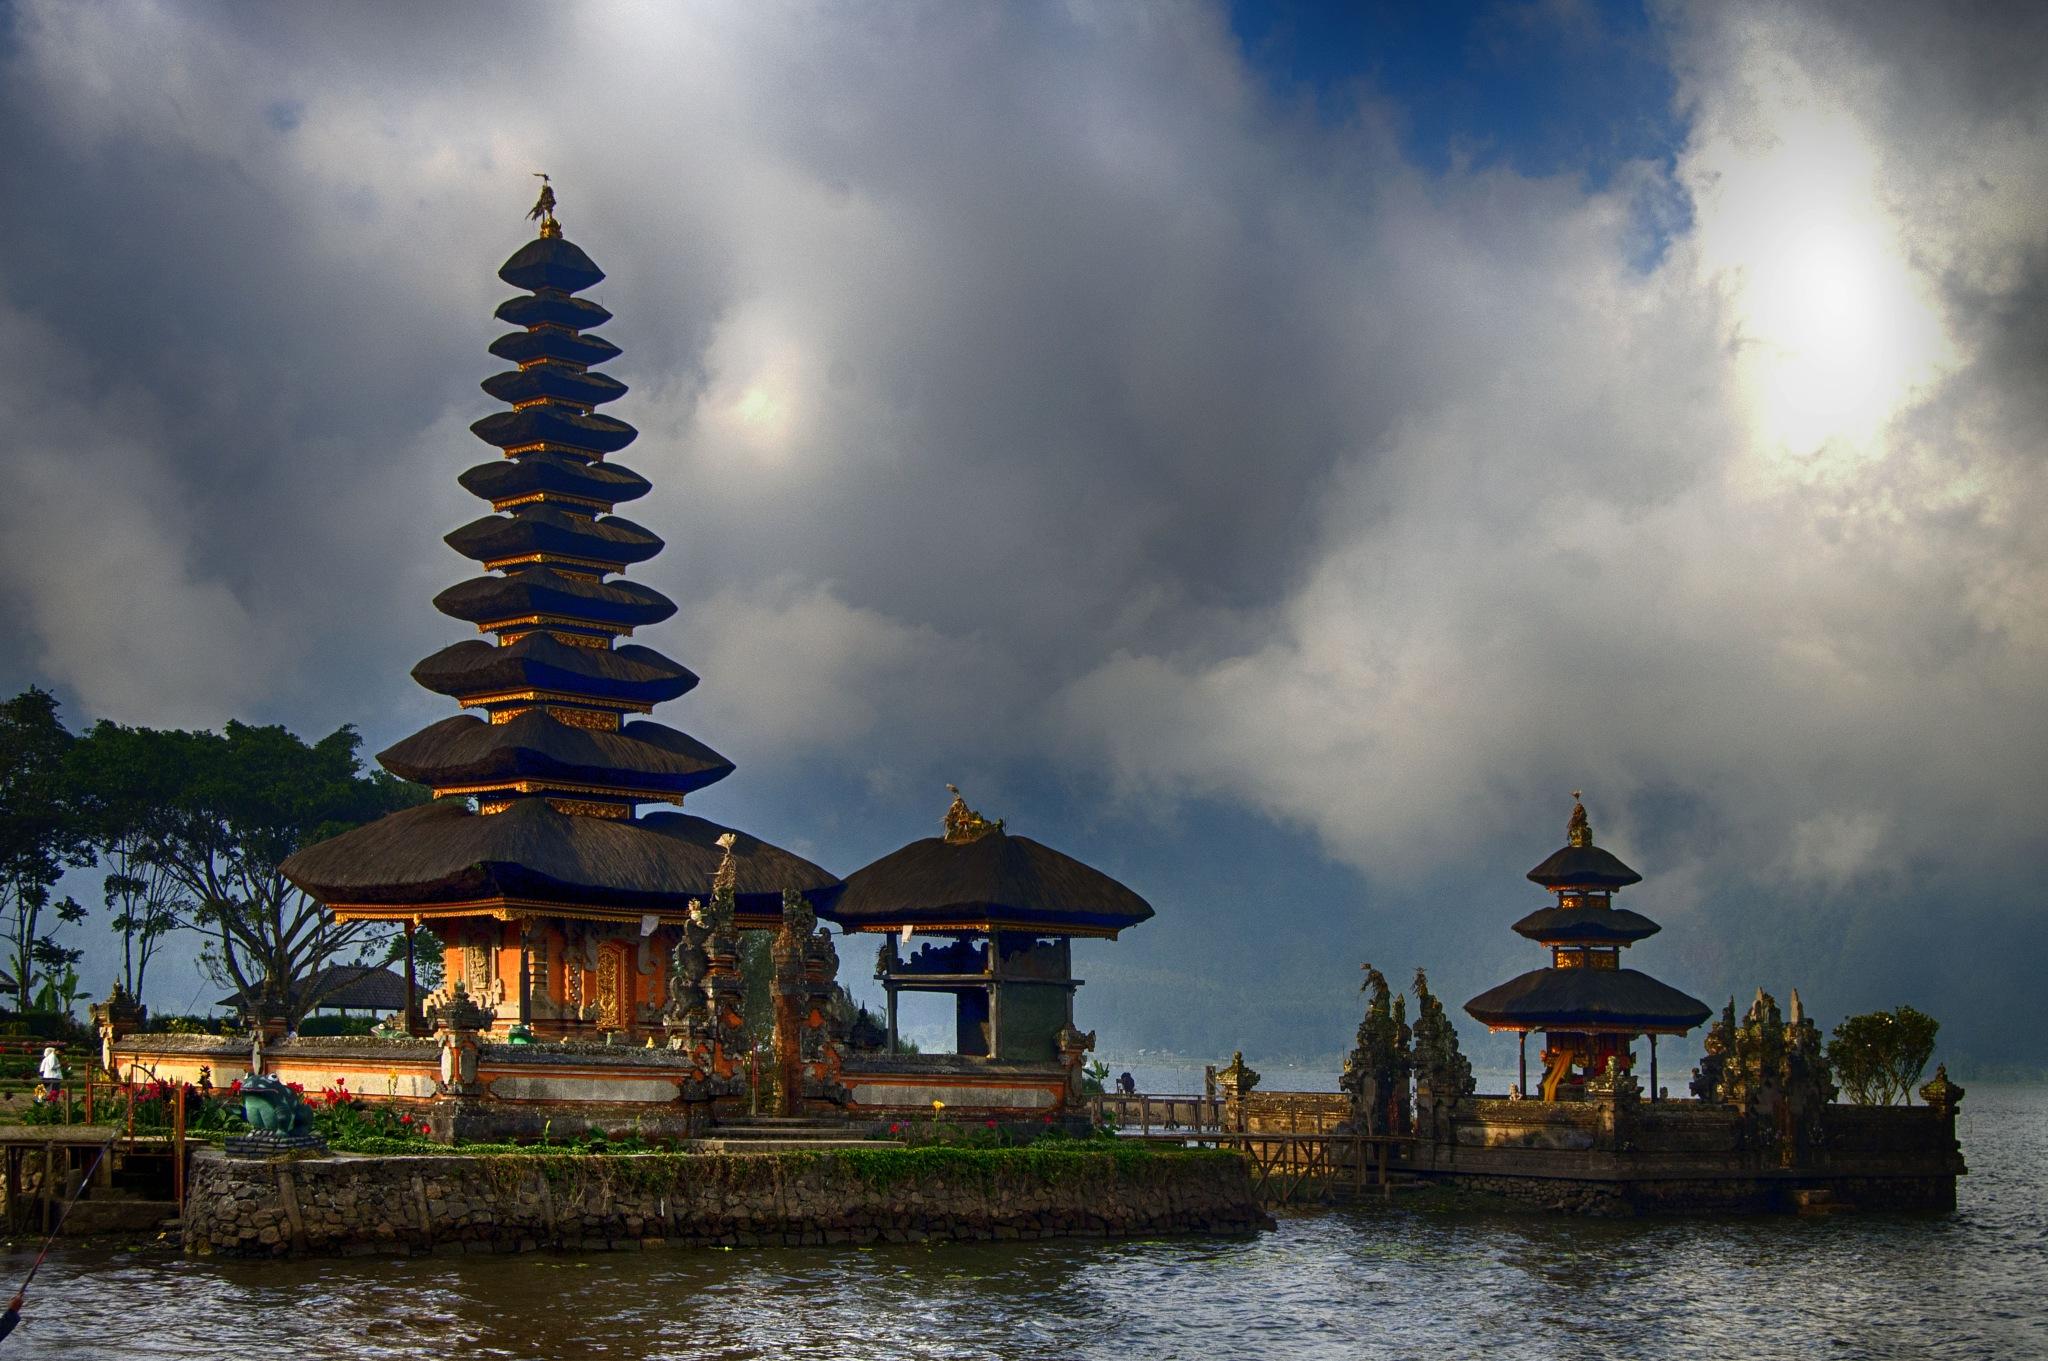 Pura Ulun Danu Bratan temple in Bali, Indonesia by jeece69